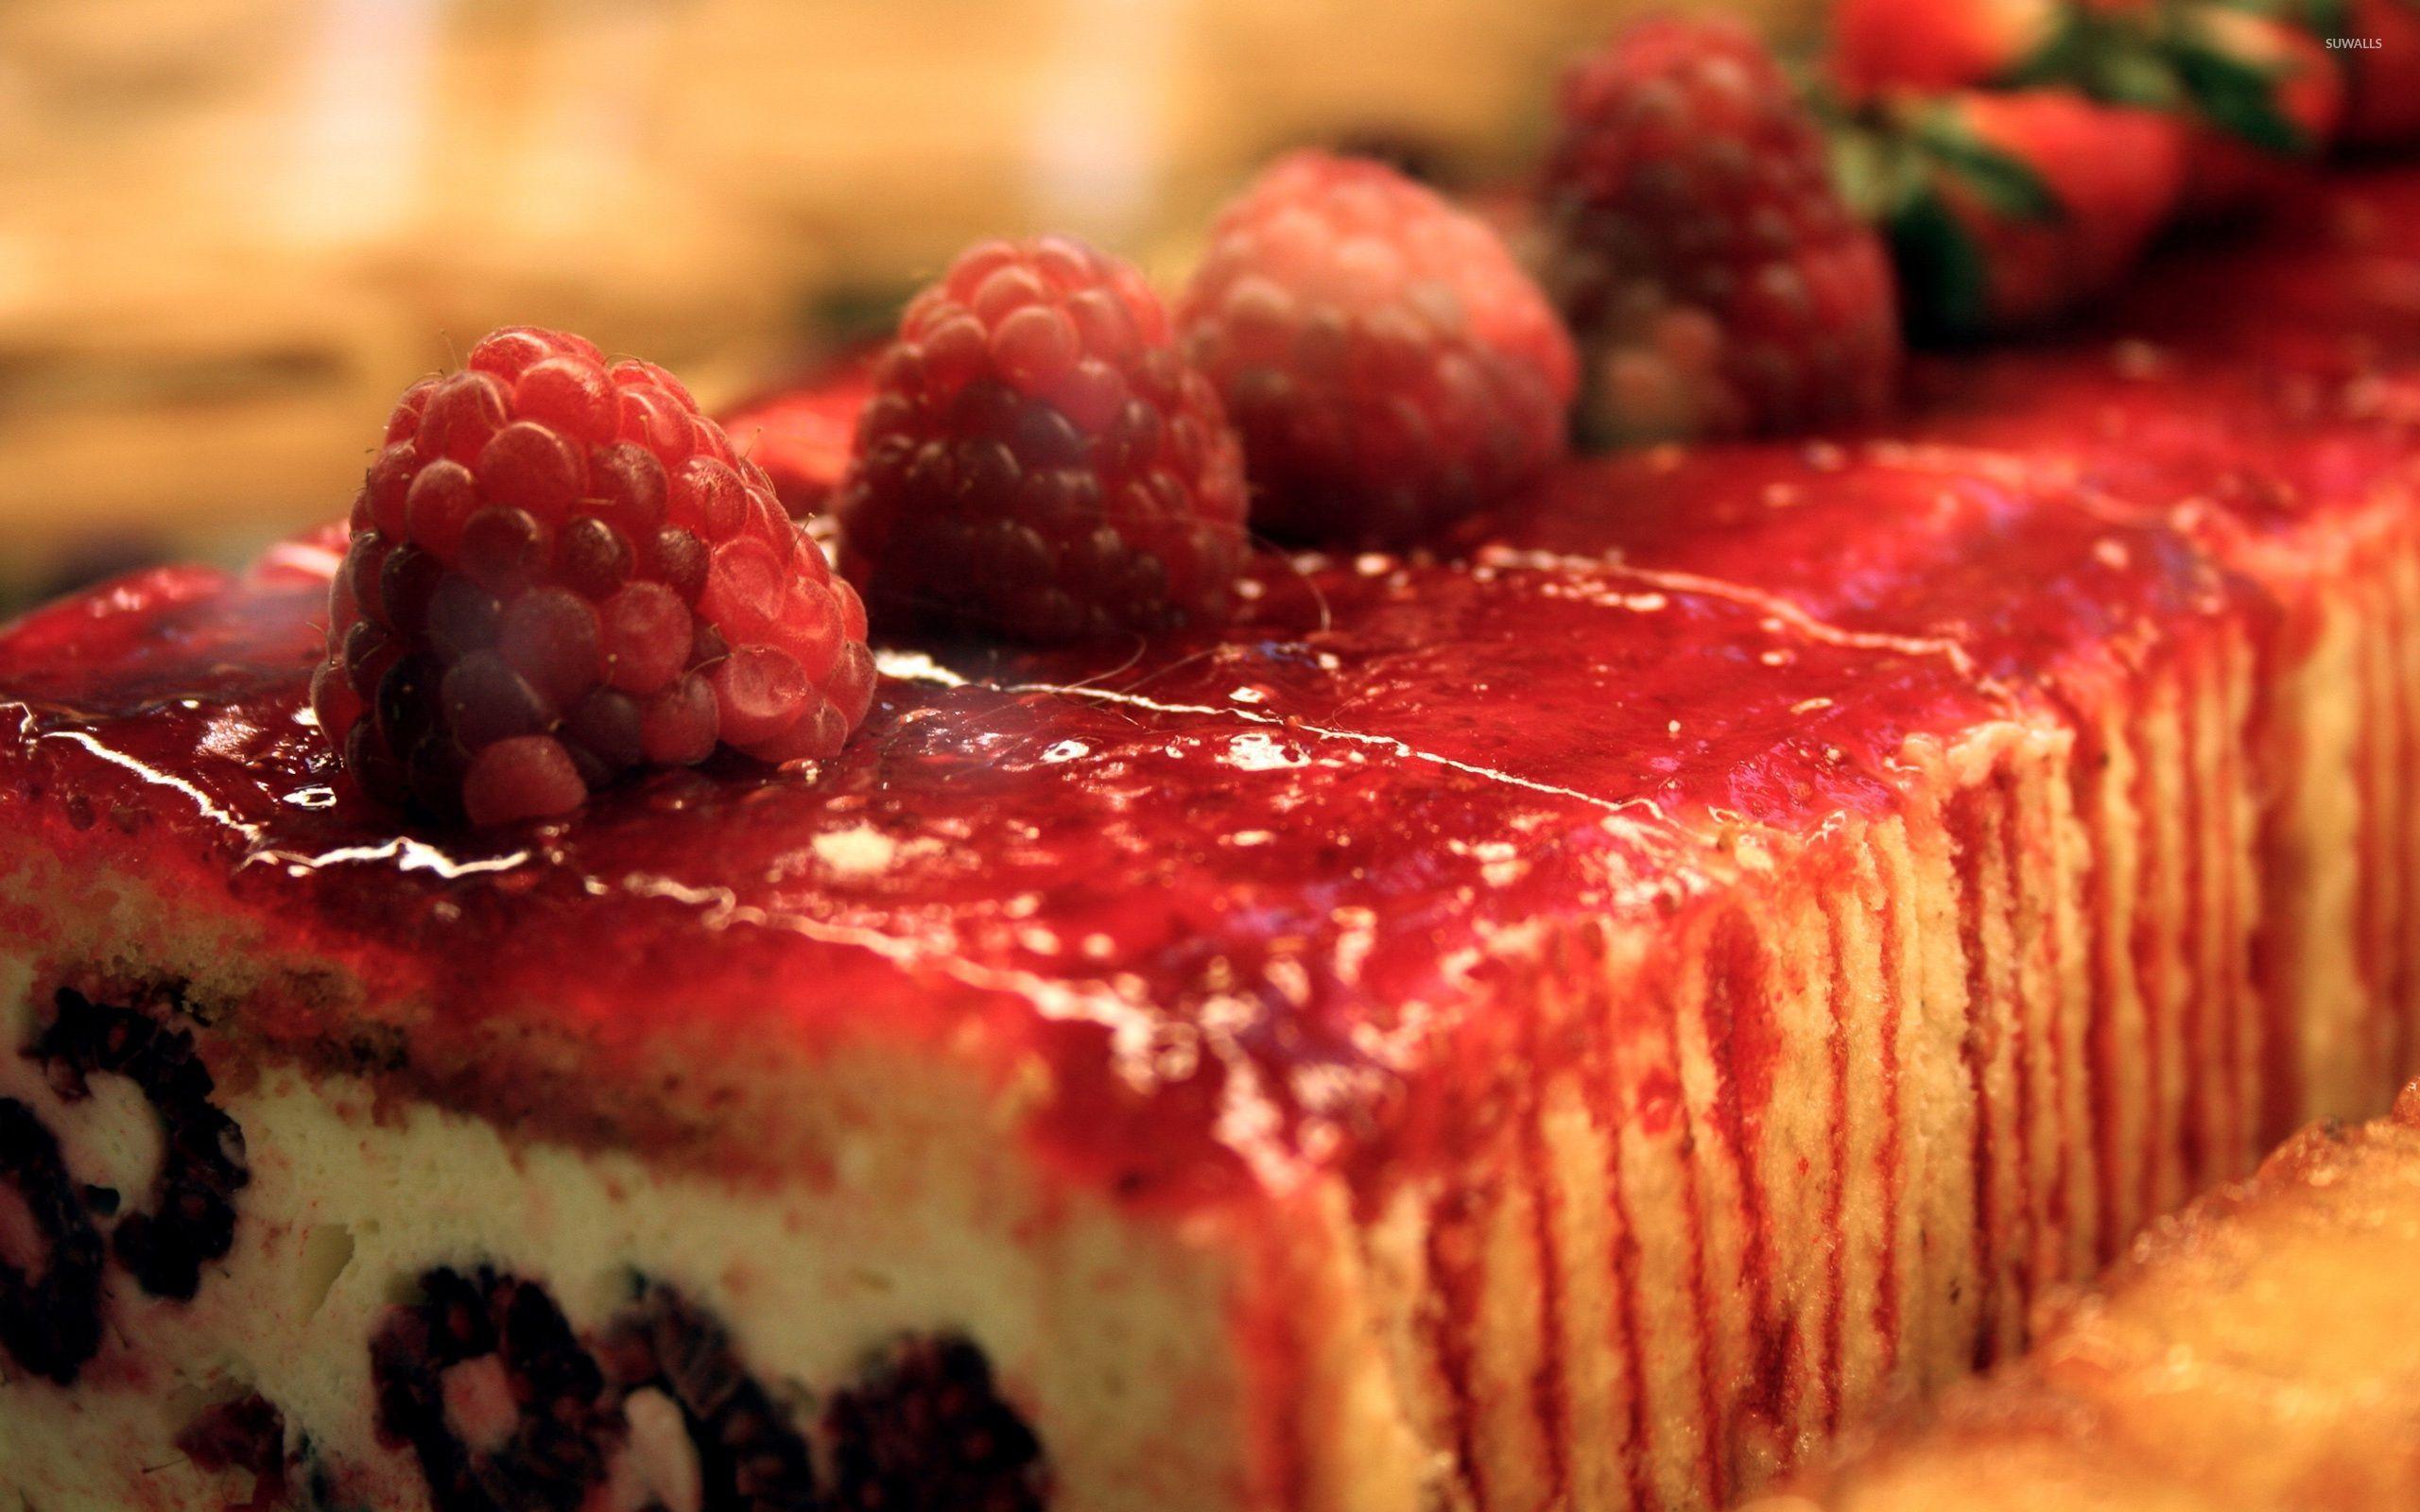 пирожное с малиной  № 145093 без смс